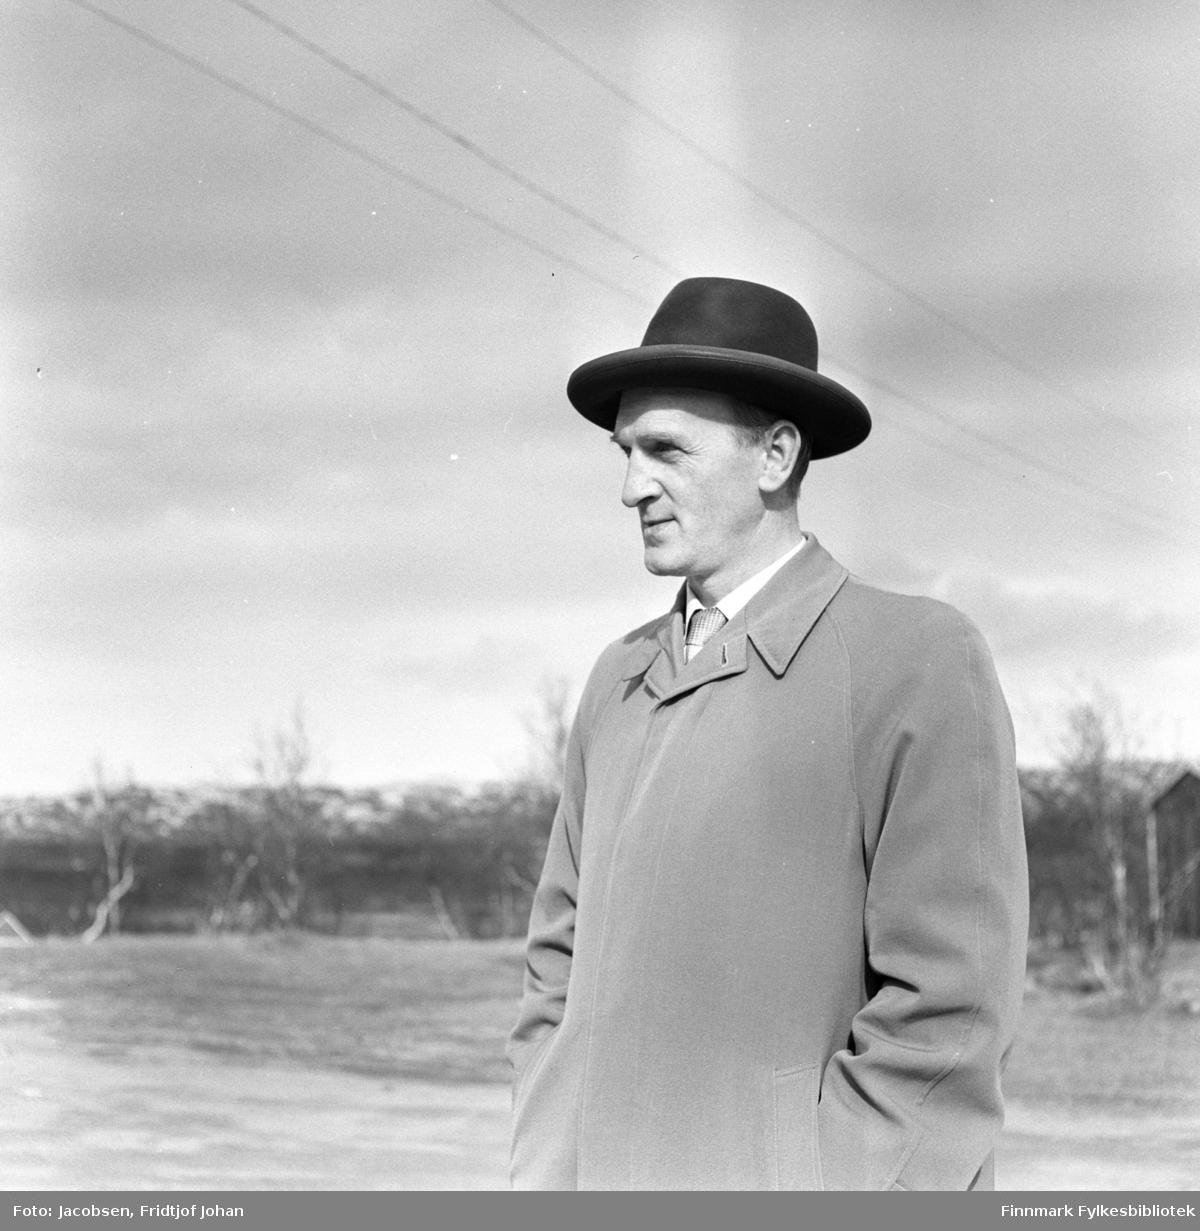 En av Fridtjof Jacobsens kolleger i Televerket, fotografert i nærheten av Lakselv Gjestgiveri. Han er iført en ganske lys frakk og en mørk hatt på hodet. En del trær ses noe diffust i bakgrunnen.